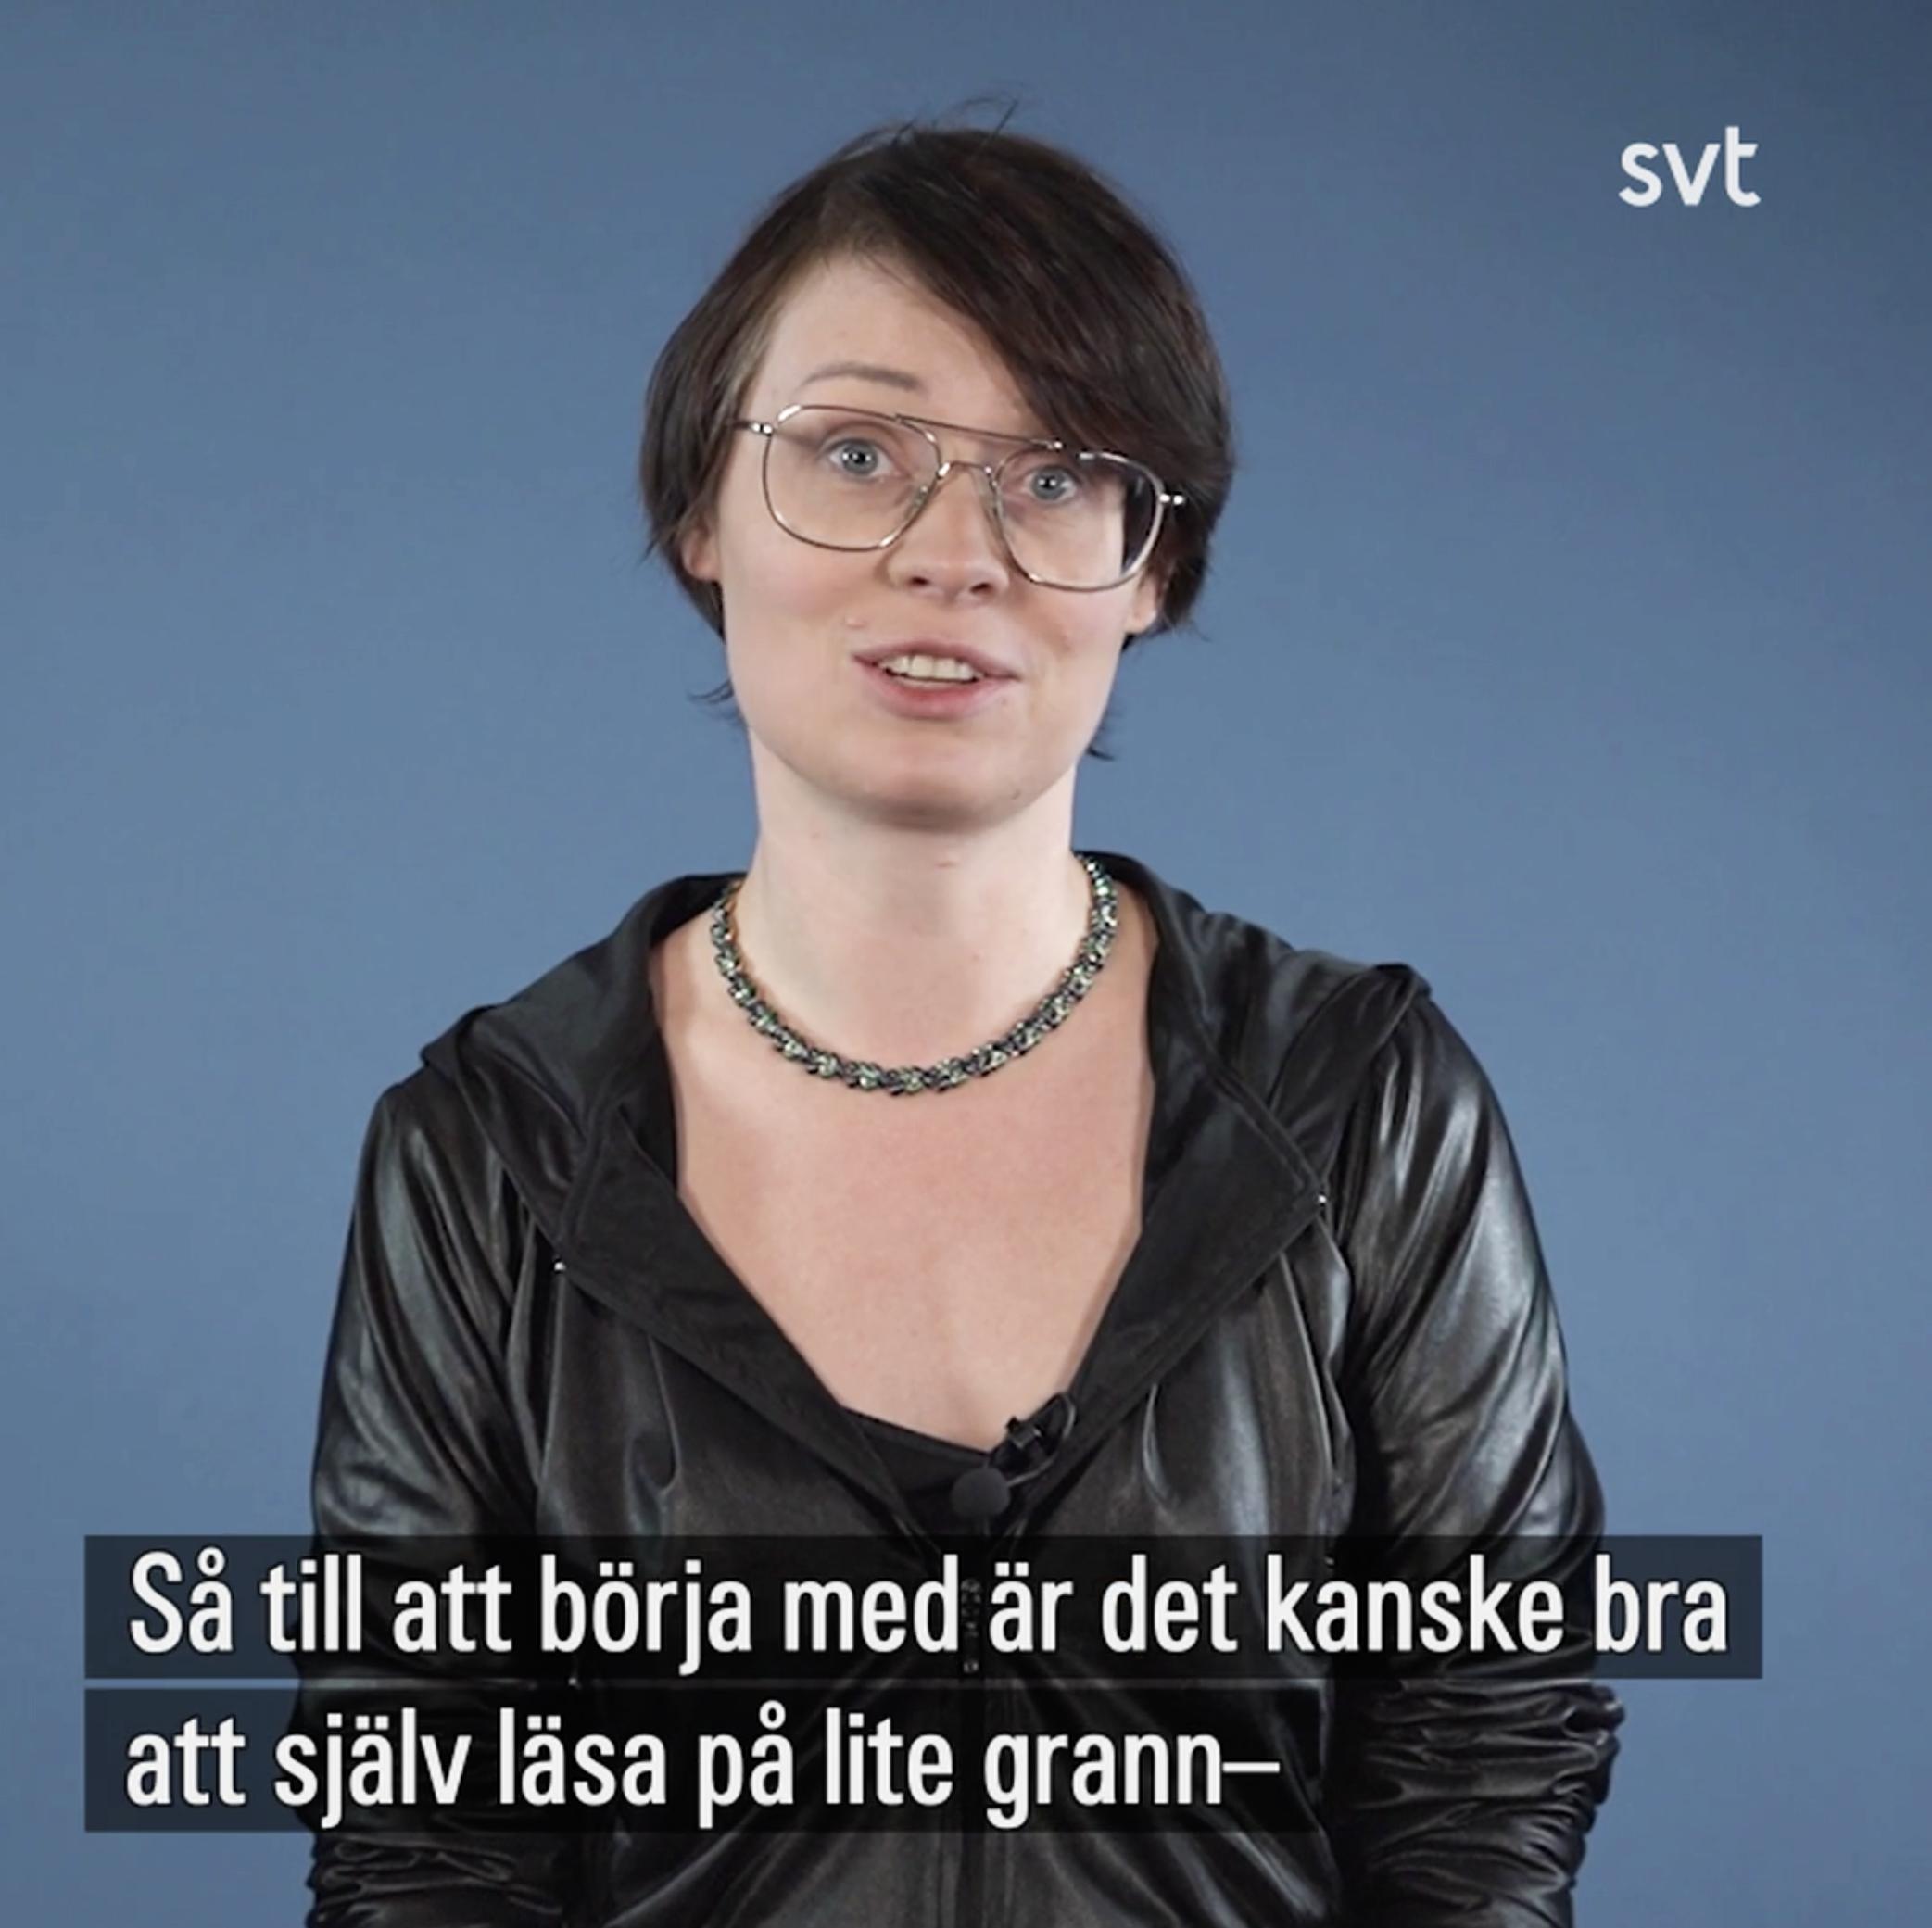 Tanja Suhinina sitter framför en blå bakgrund.